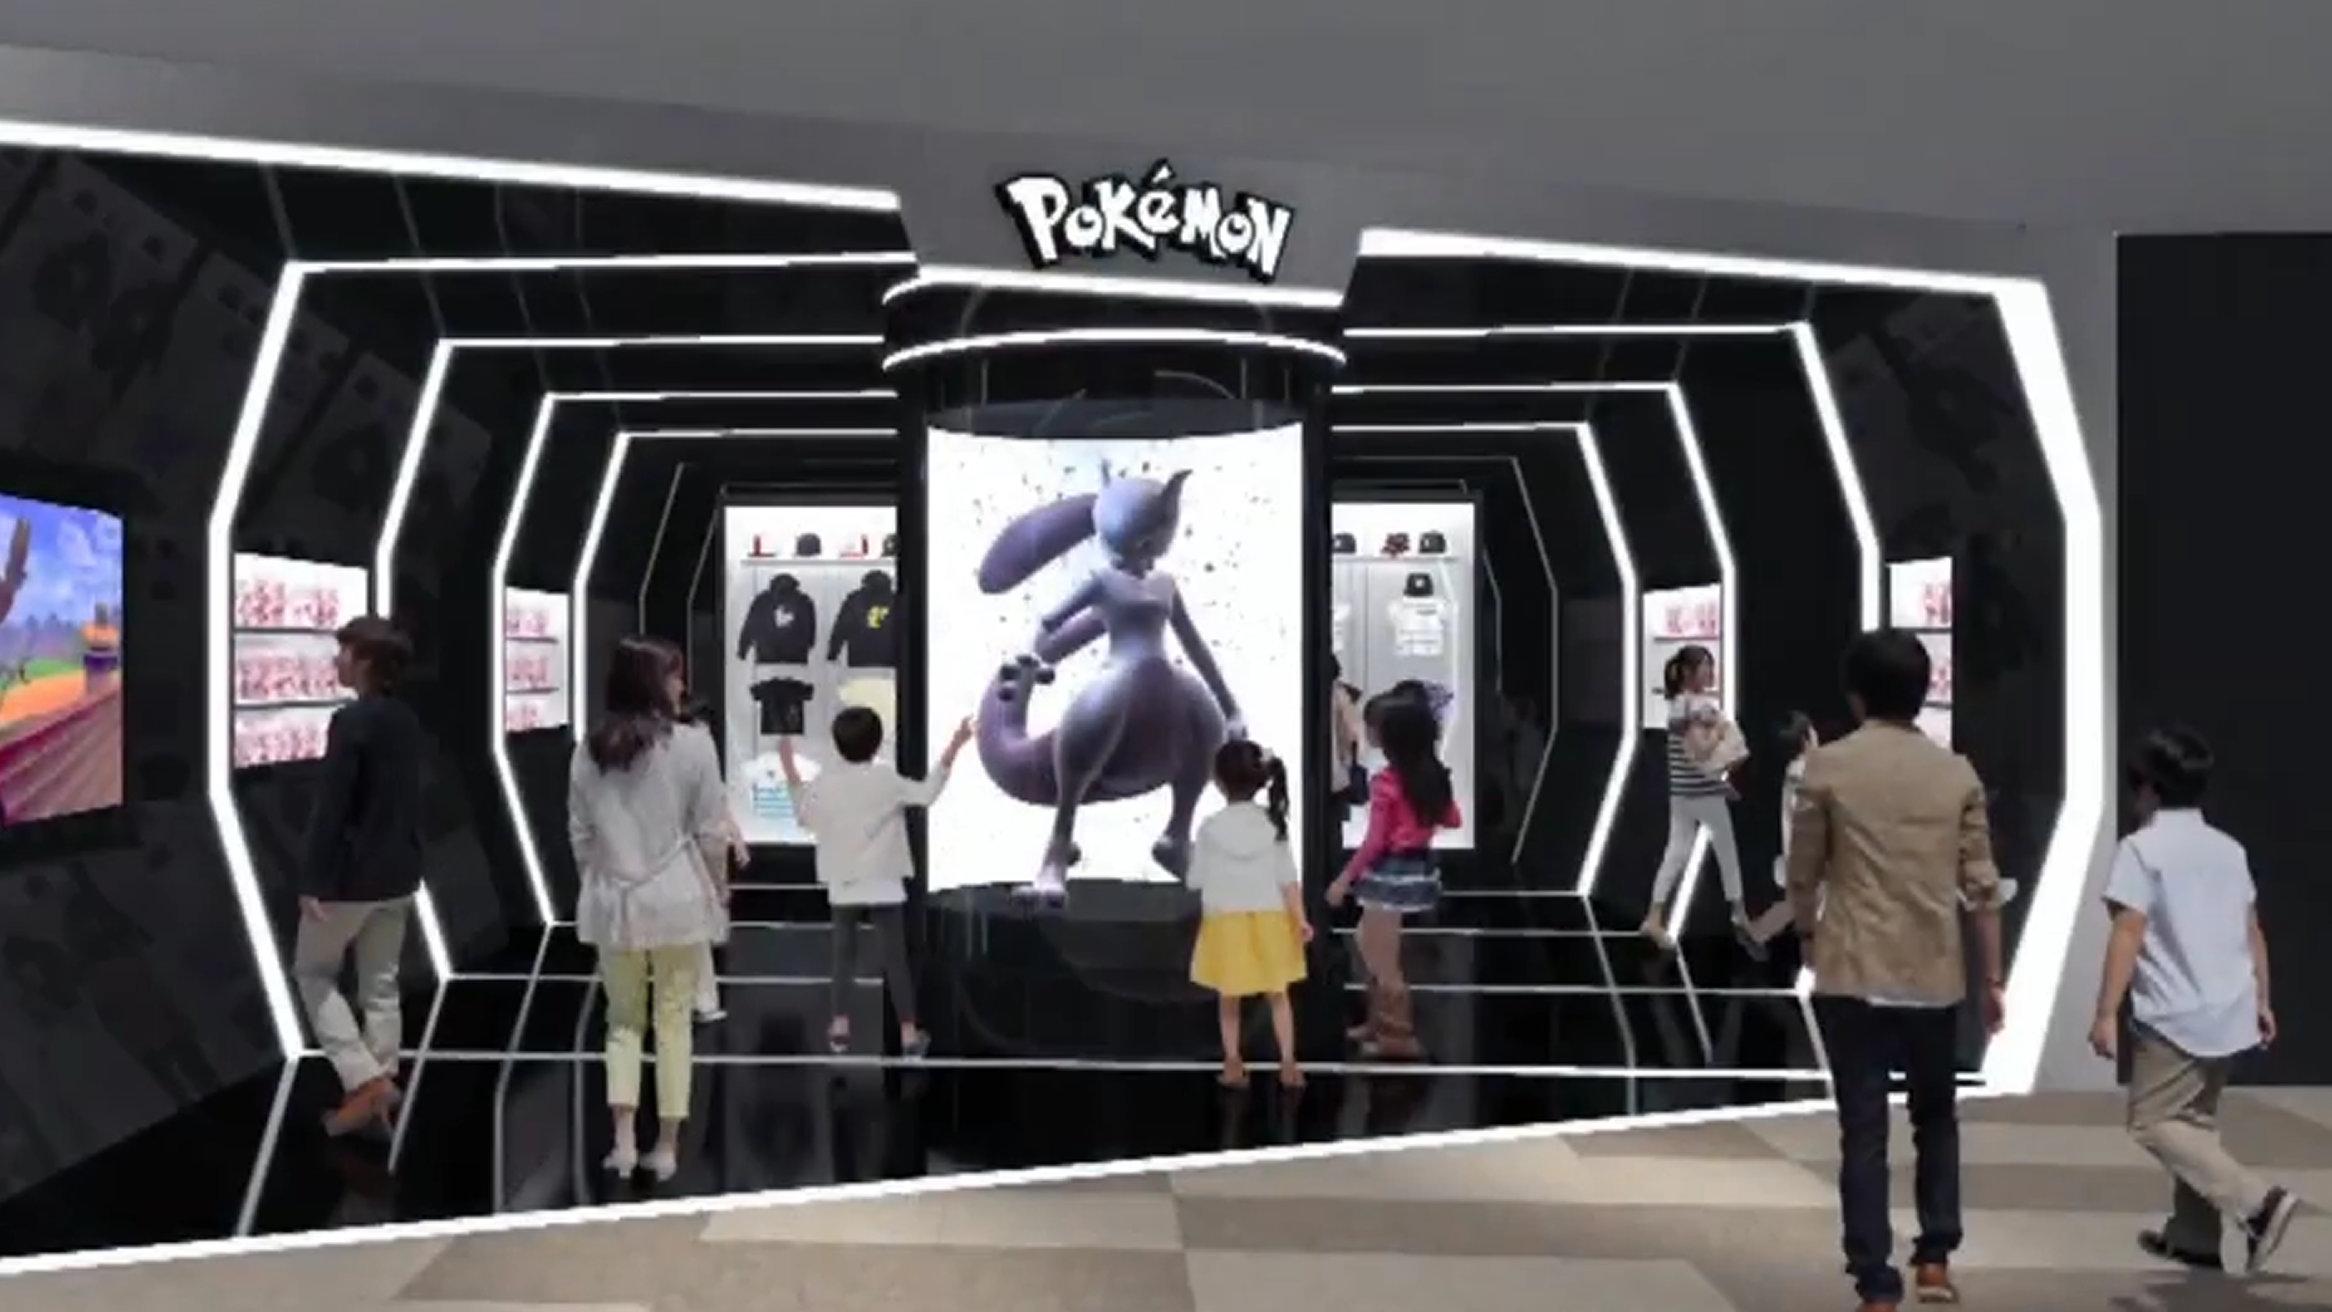 ポケモンセンター、渋谷に新店舗。任天堂のショップ